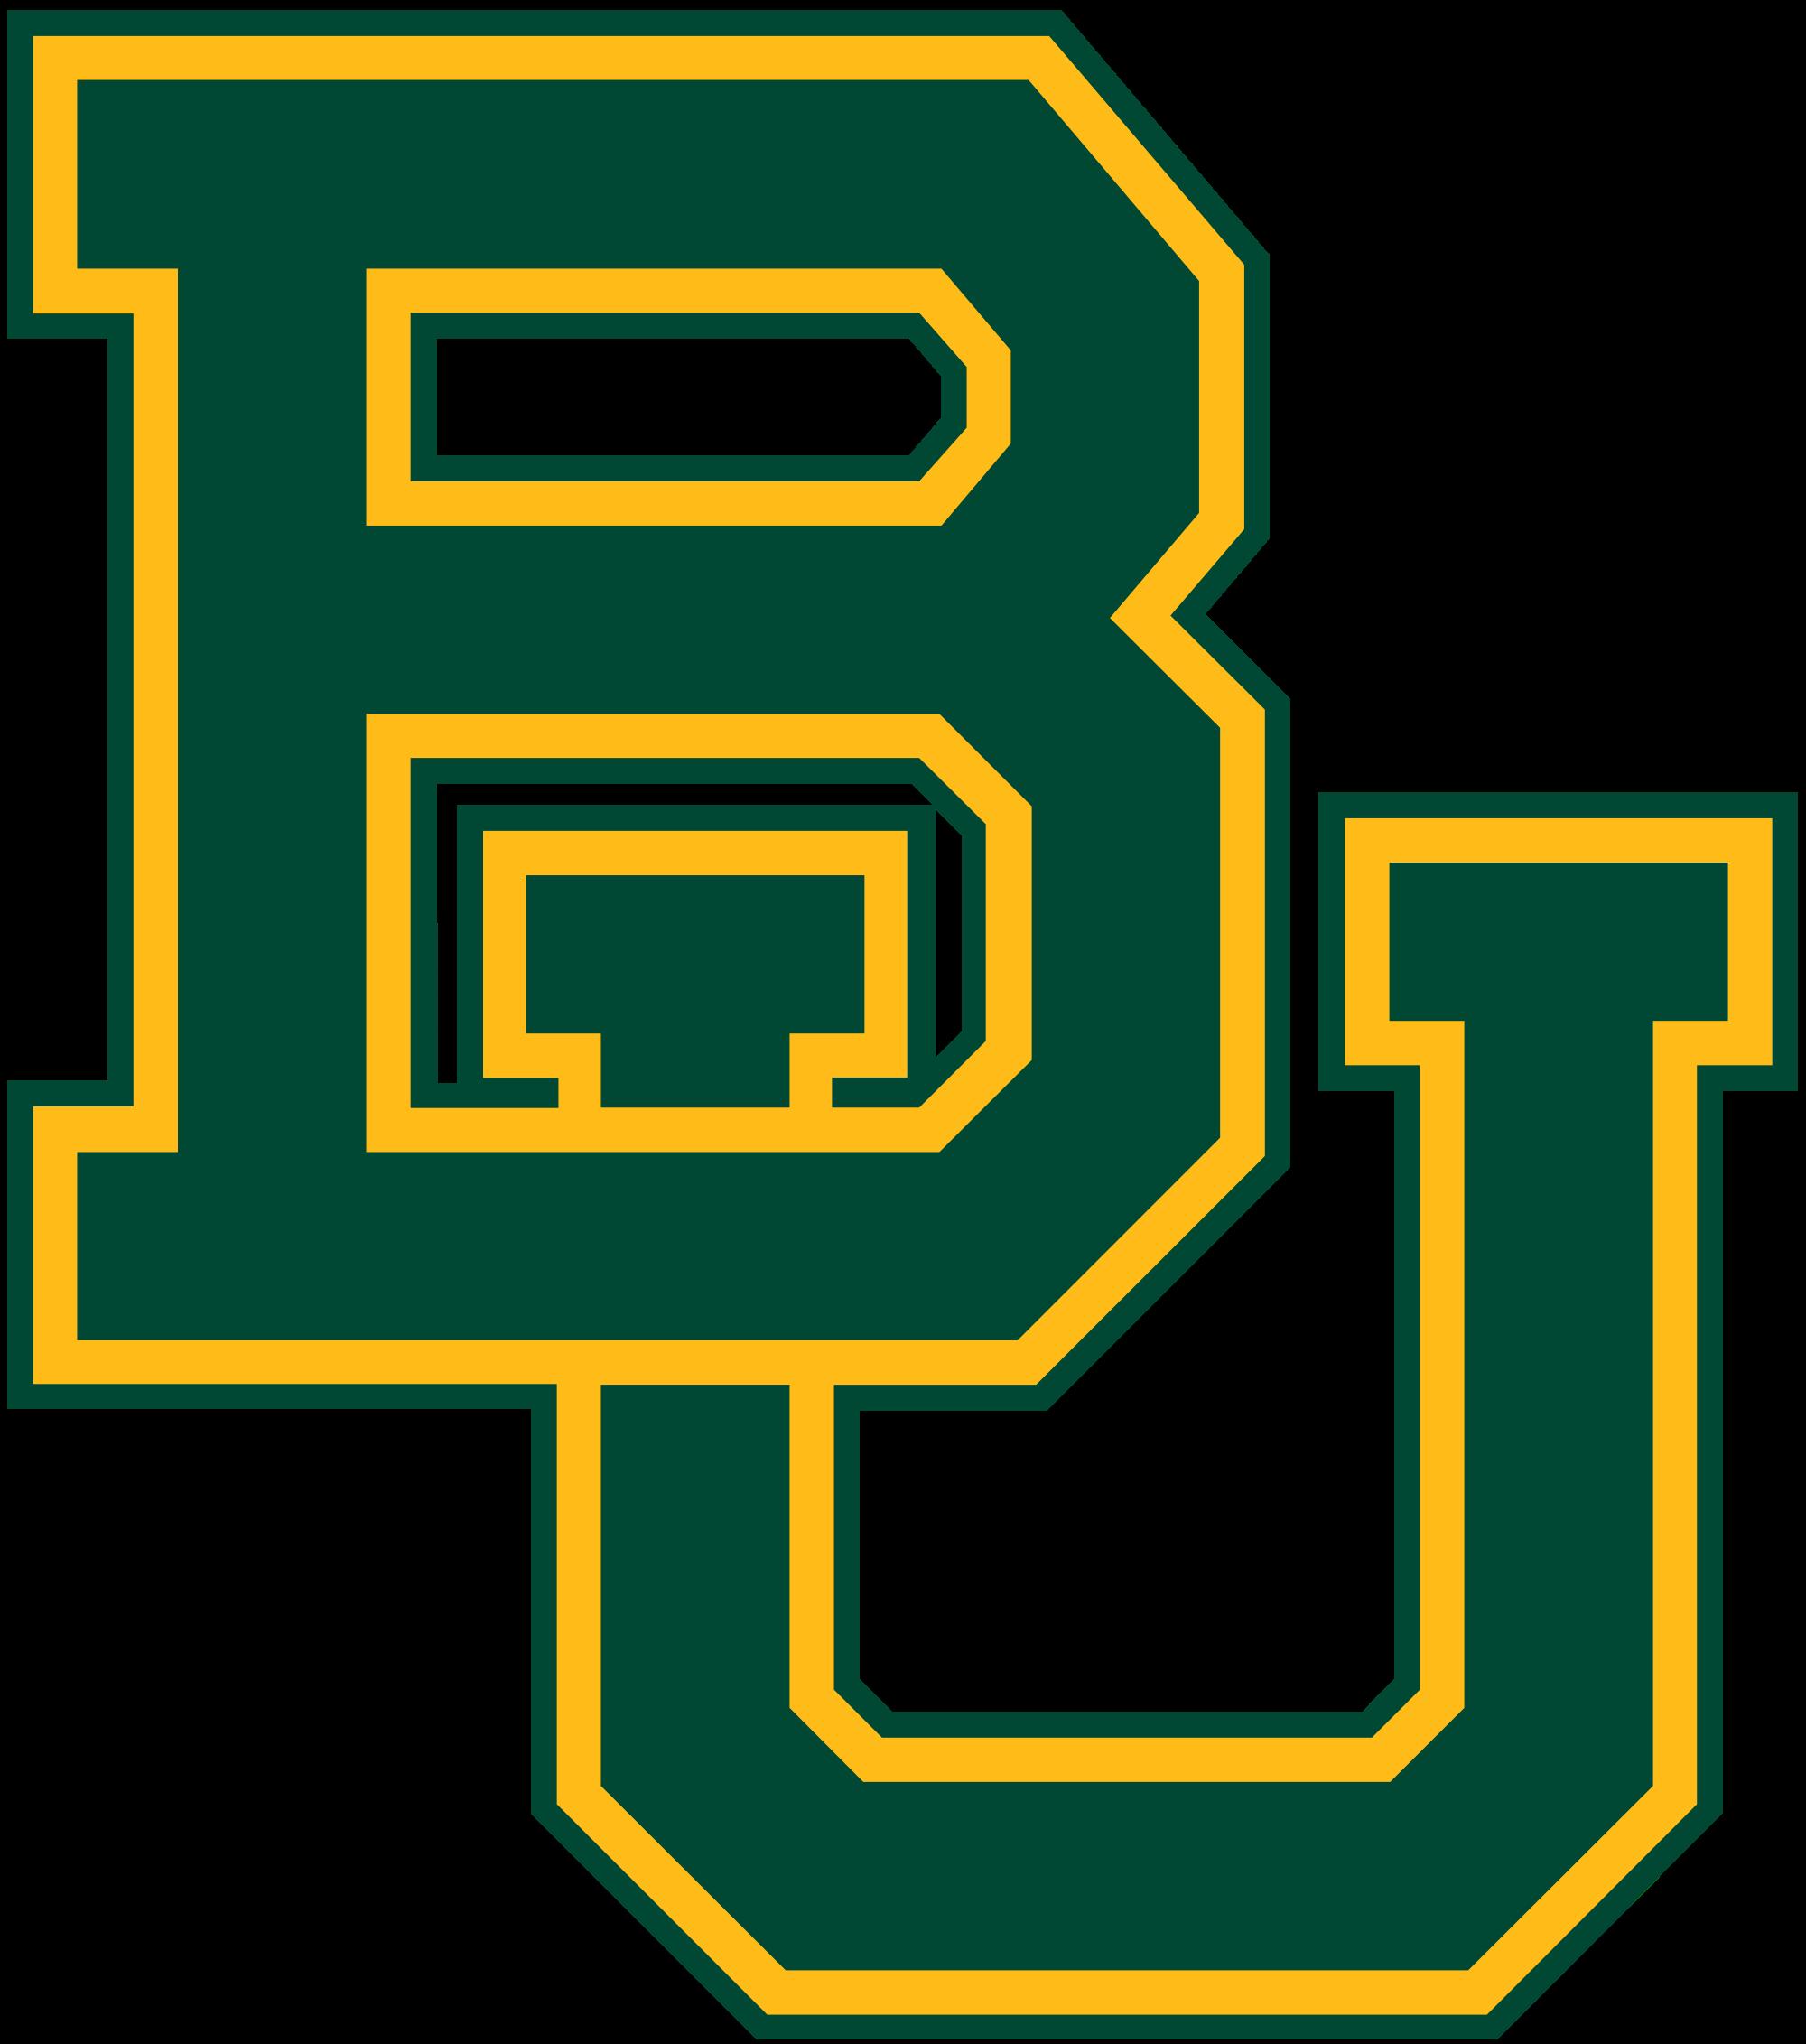 Baylor University Clipart.